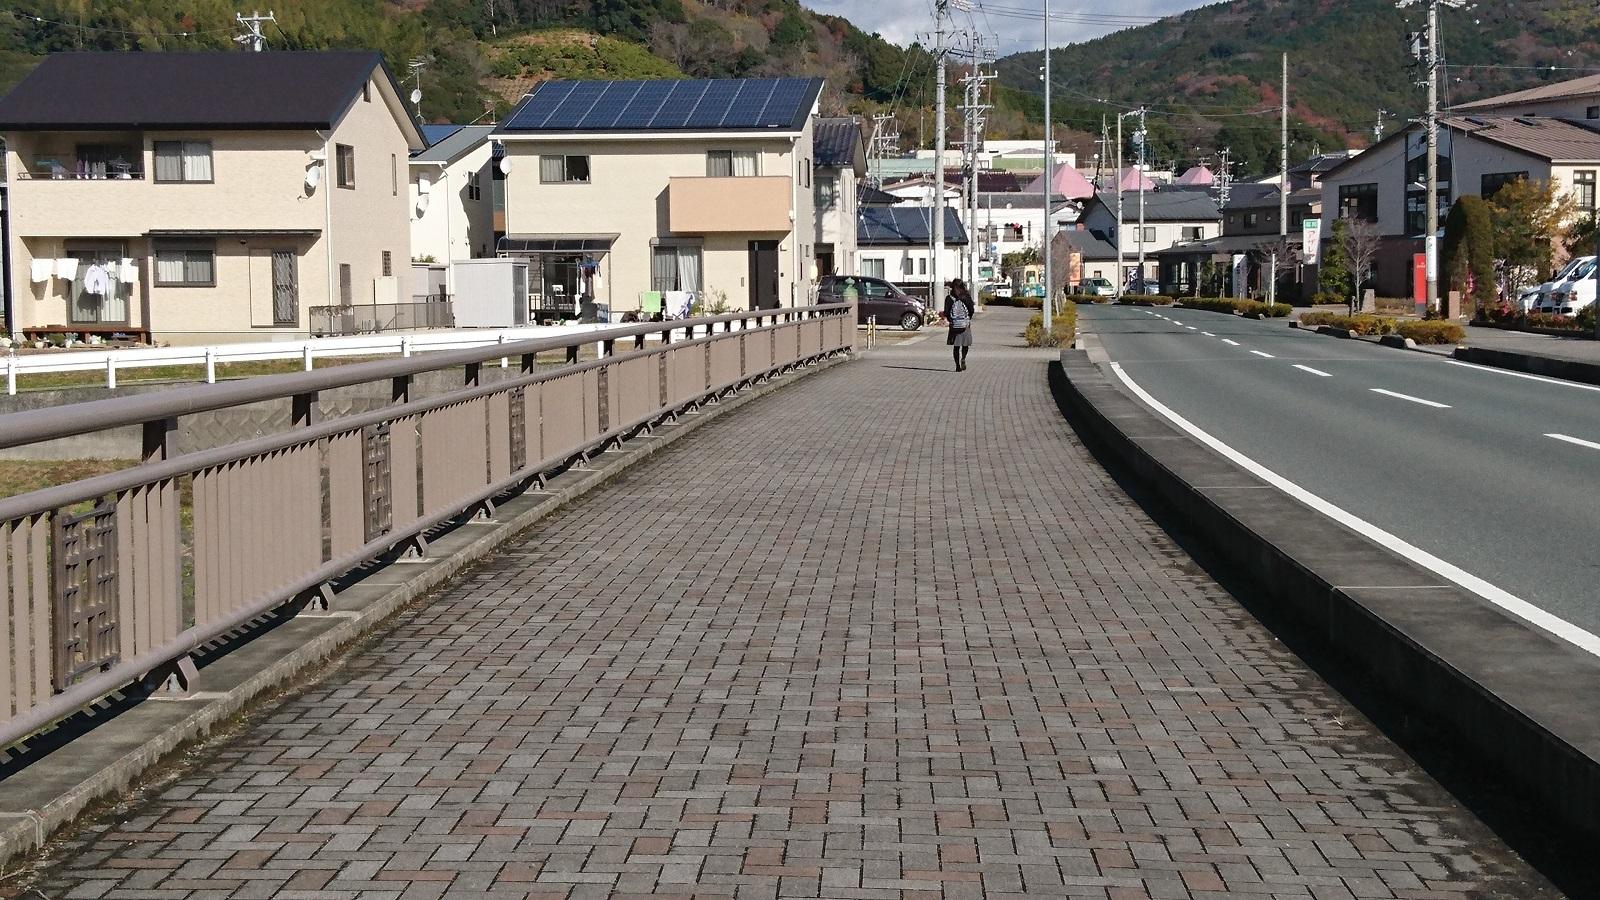 2016.12.23 井伊谷 (1) 神宮寺川 - 神宮寺橋 1600-900